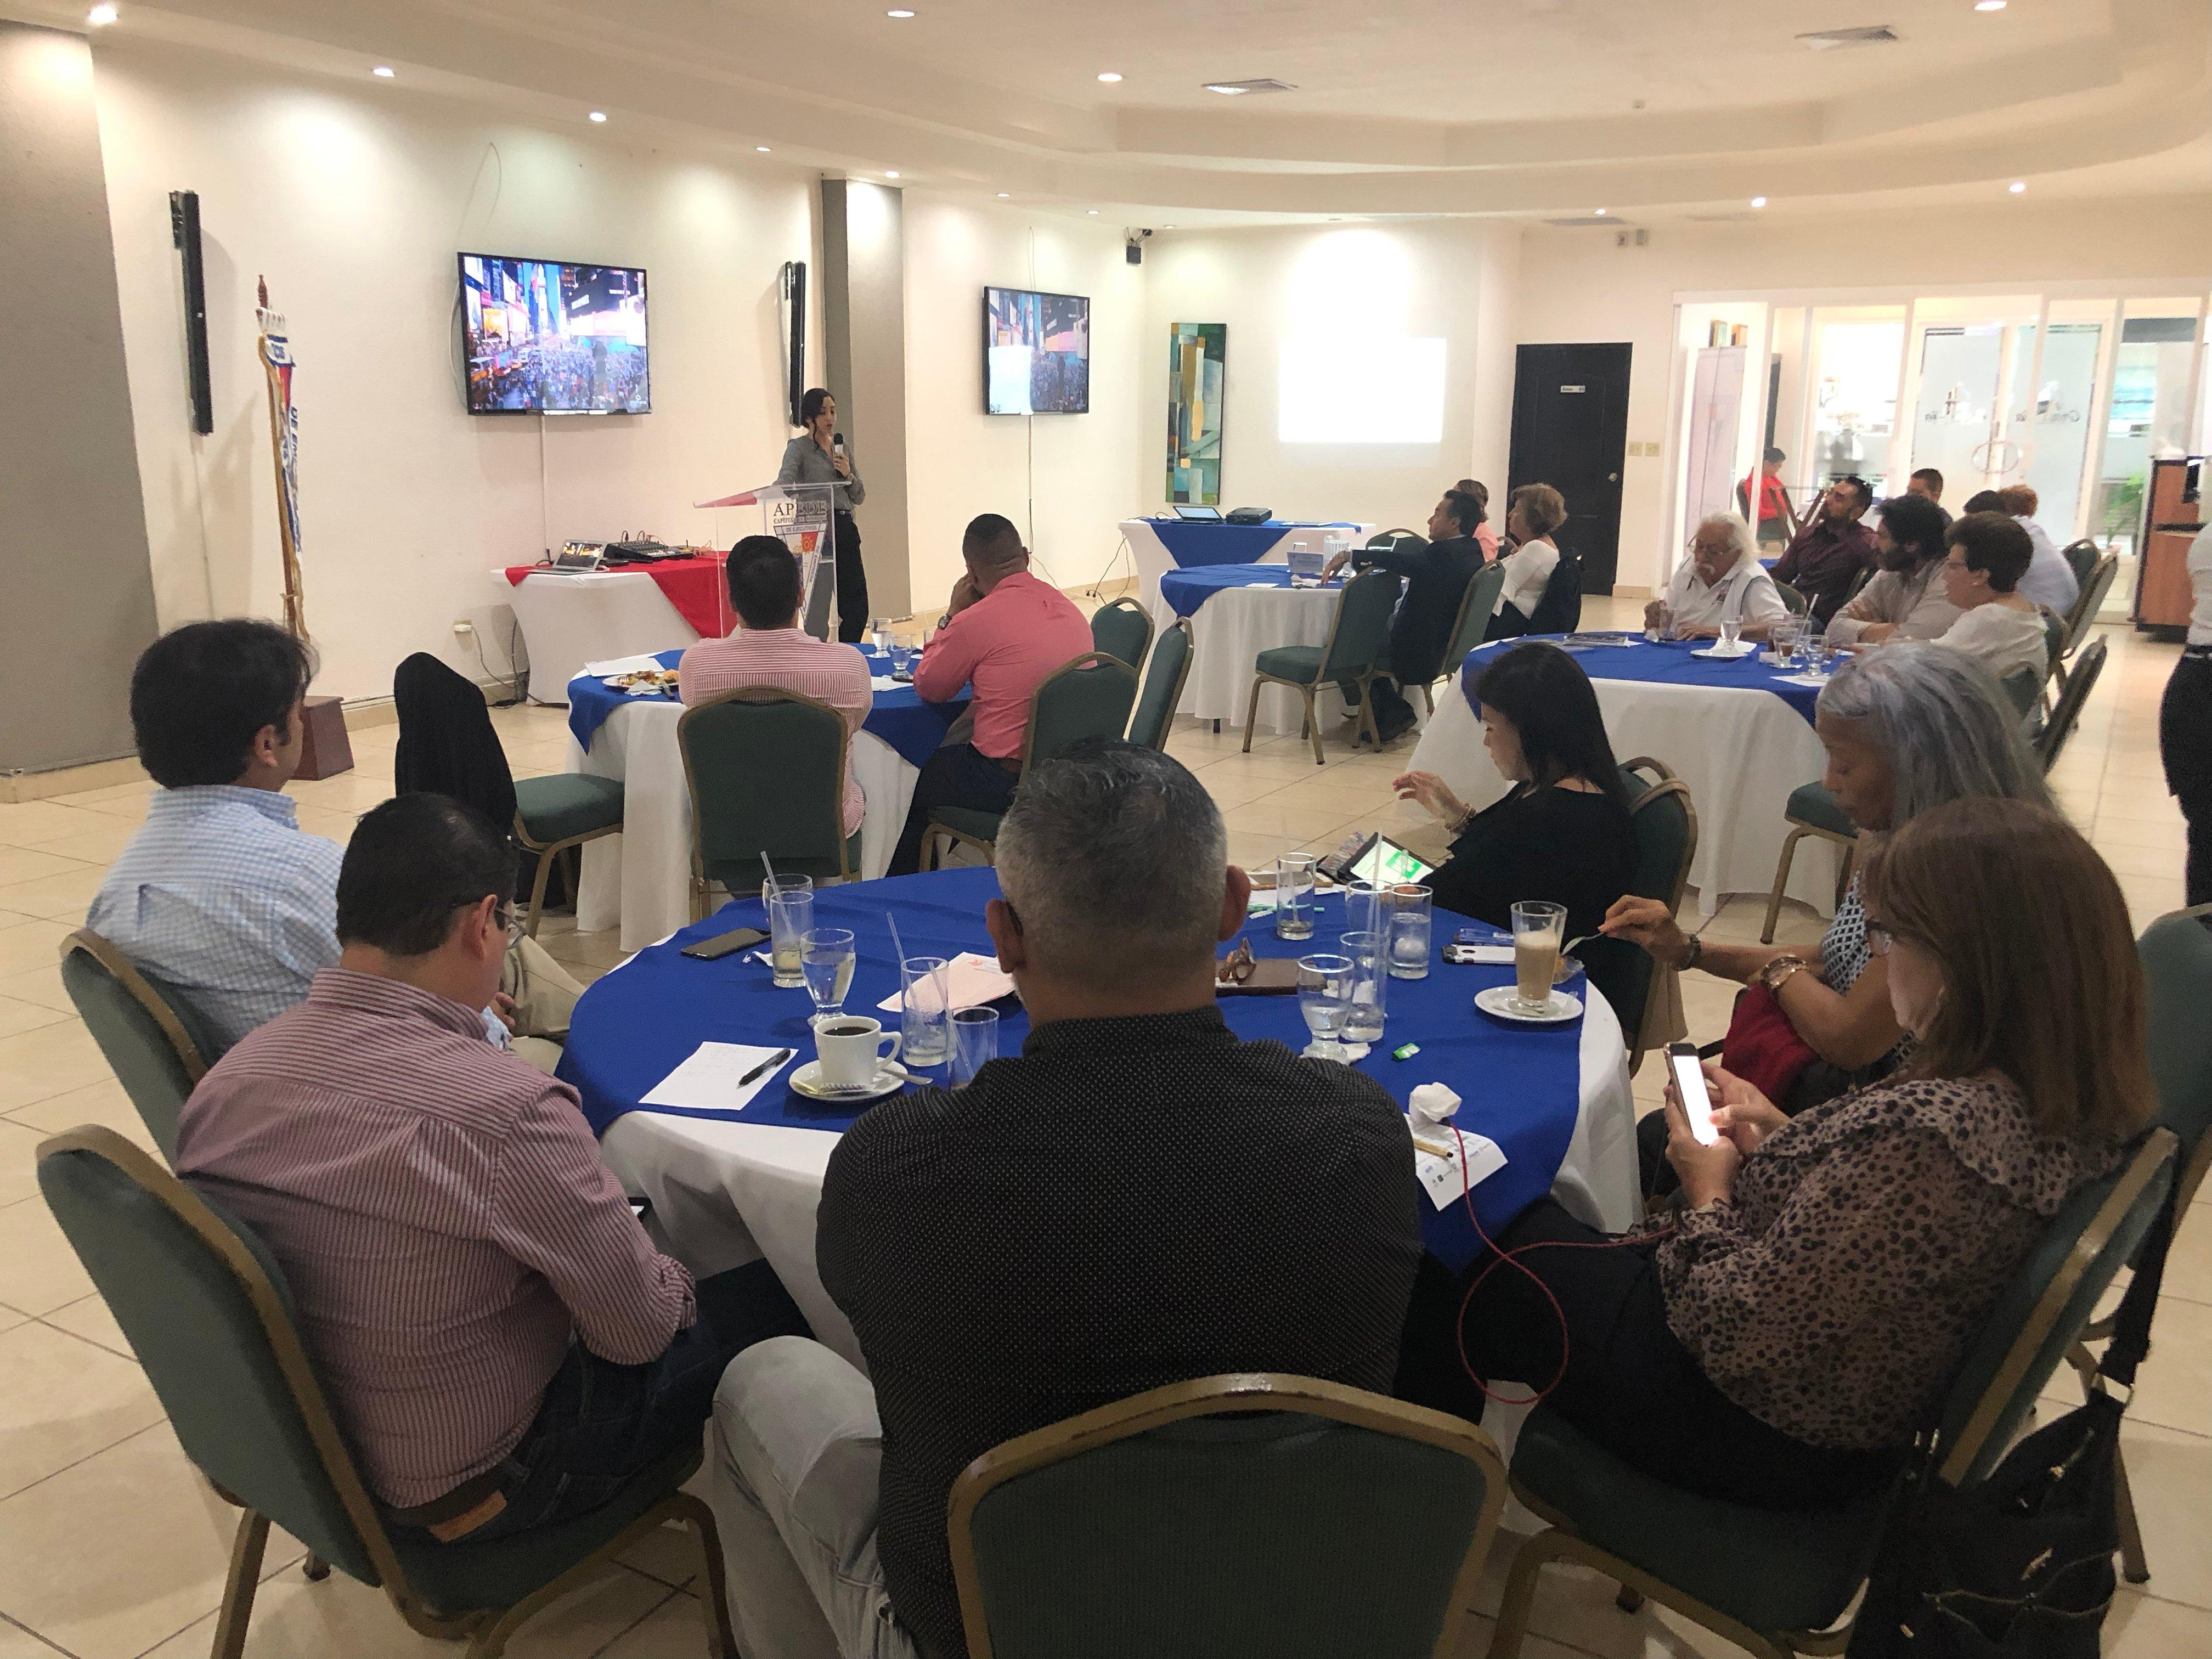 Charla Negocios Digitales: Retos y Oportunidades en Chiriquí